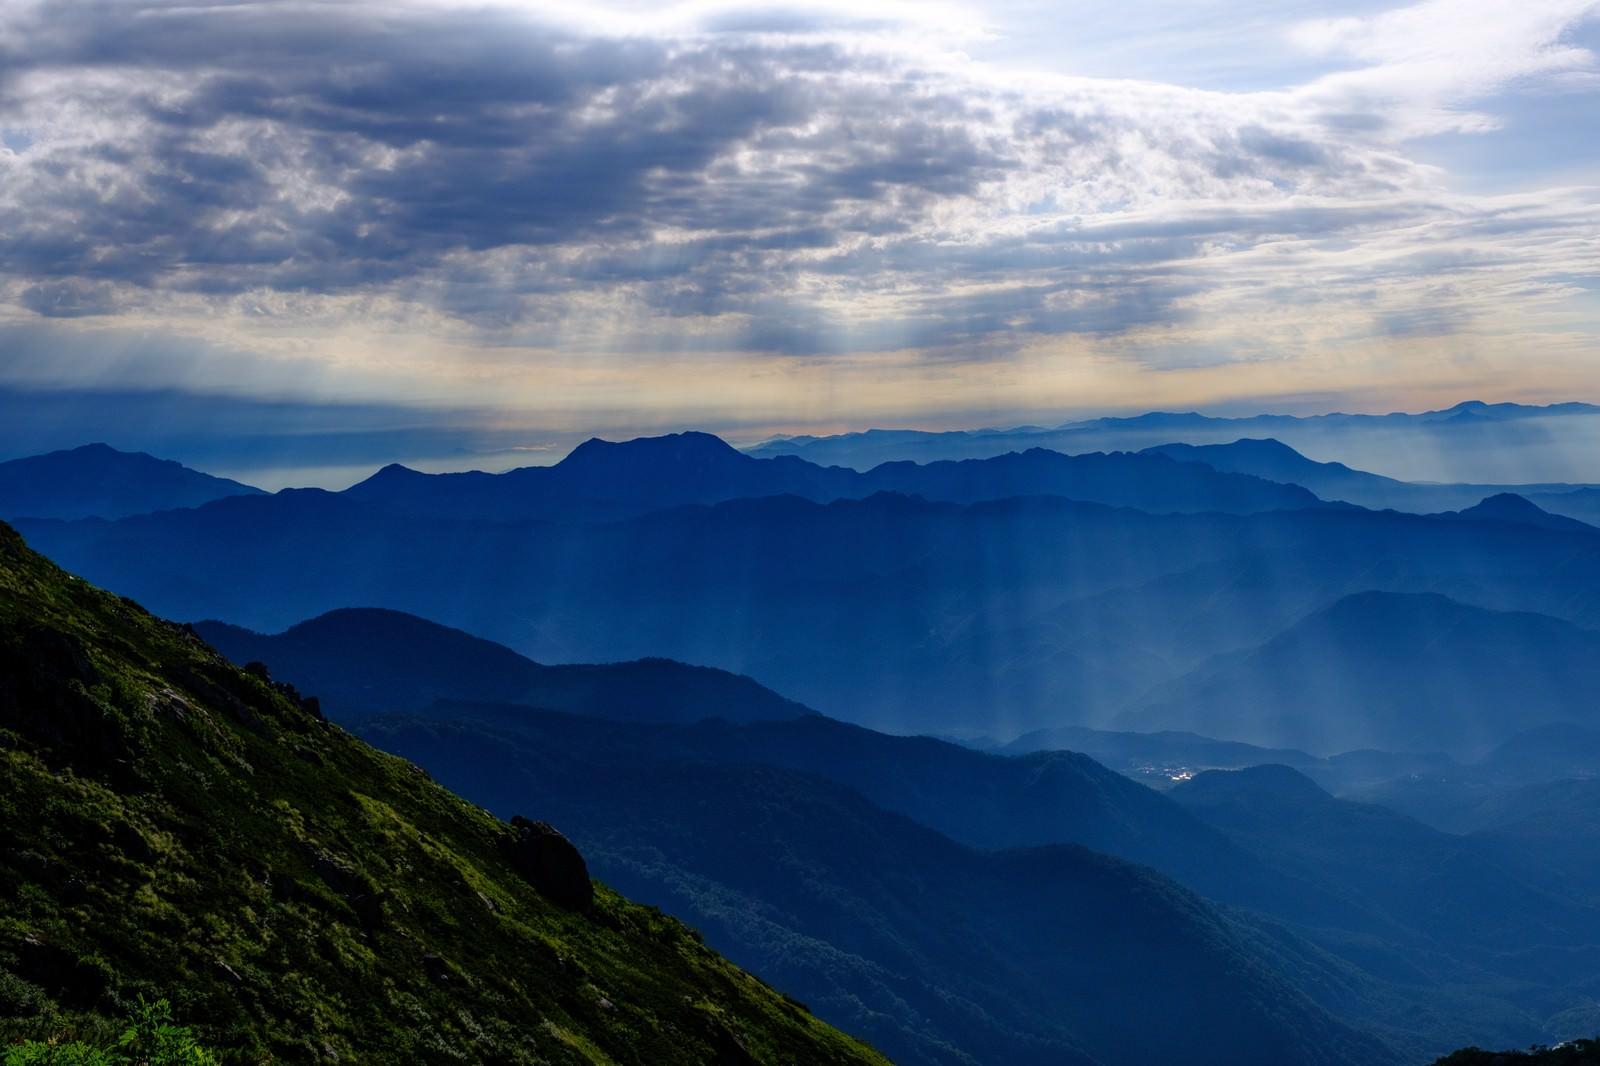 「山へ降り注ぐ神秘的な光芒」の写真